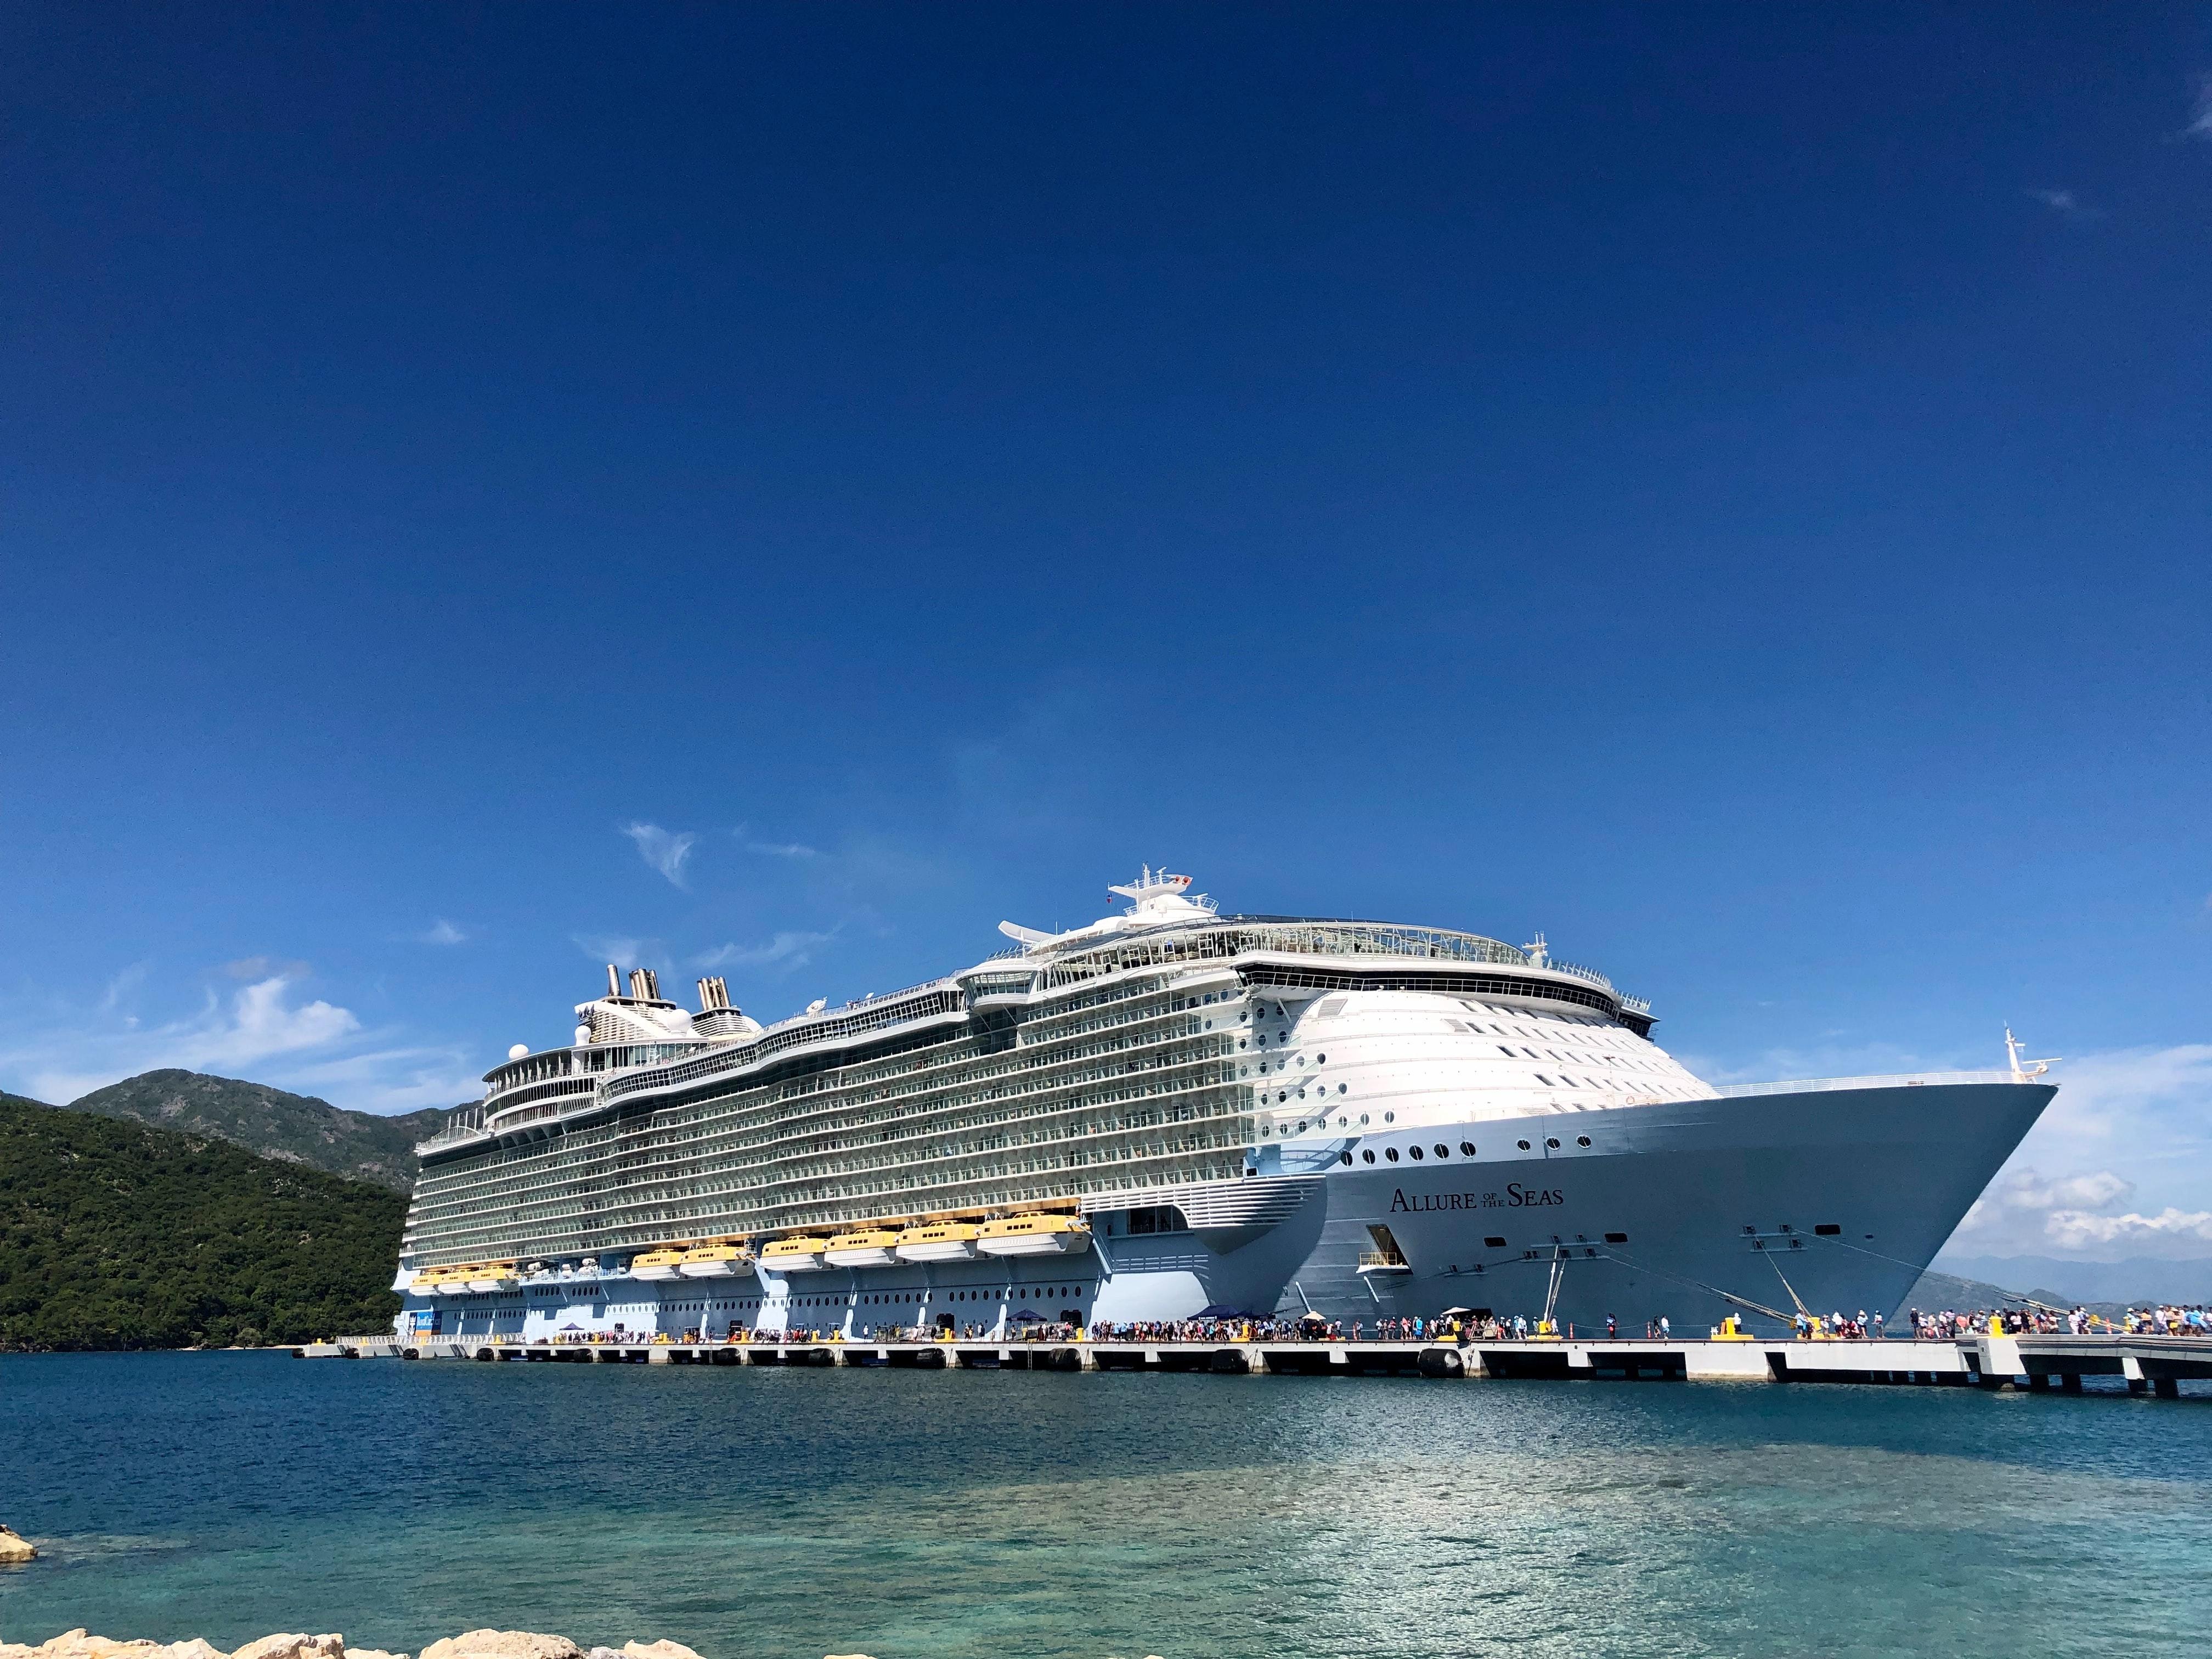 Les 5 avantages du bateau croisière pour vos vacances 1